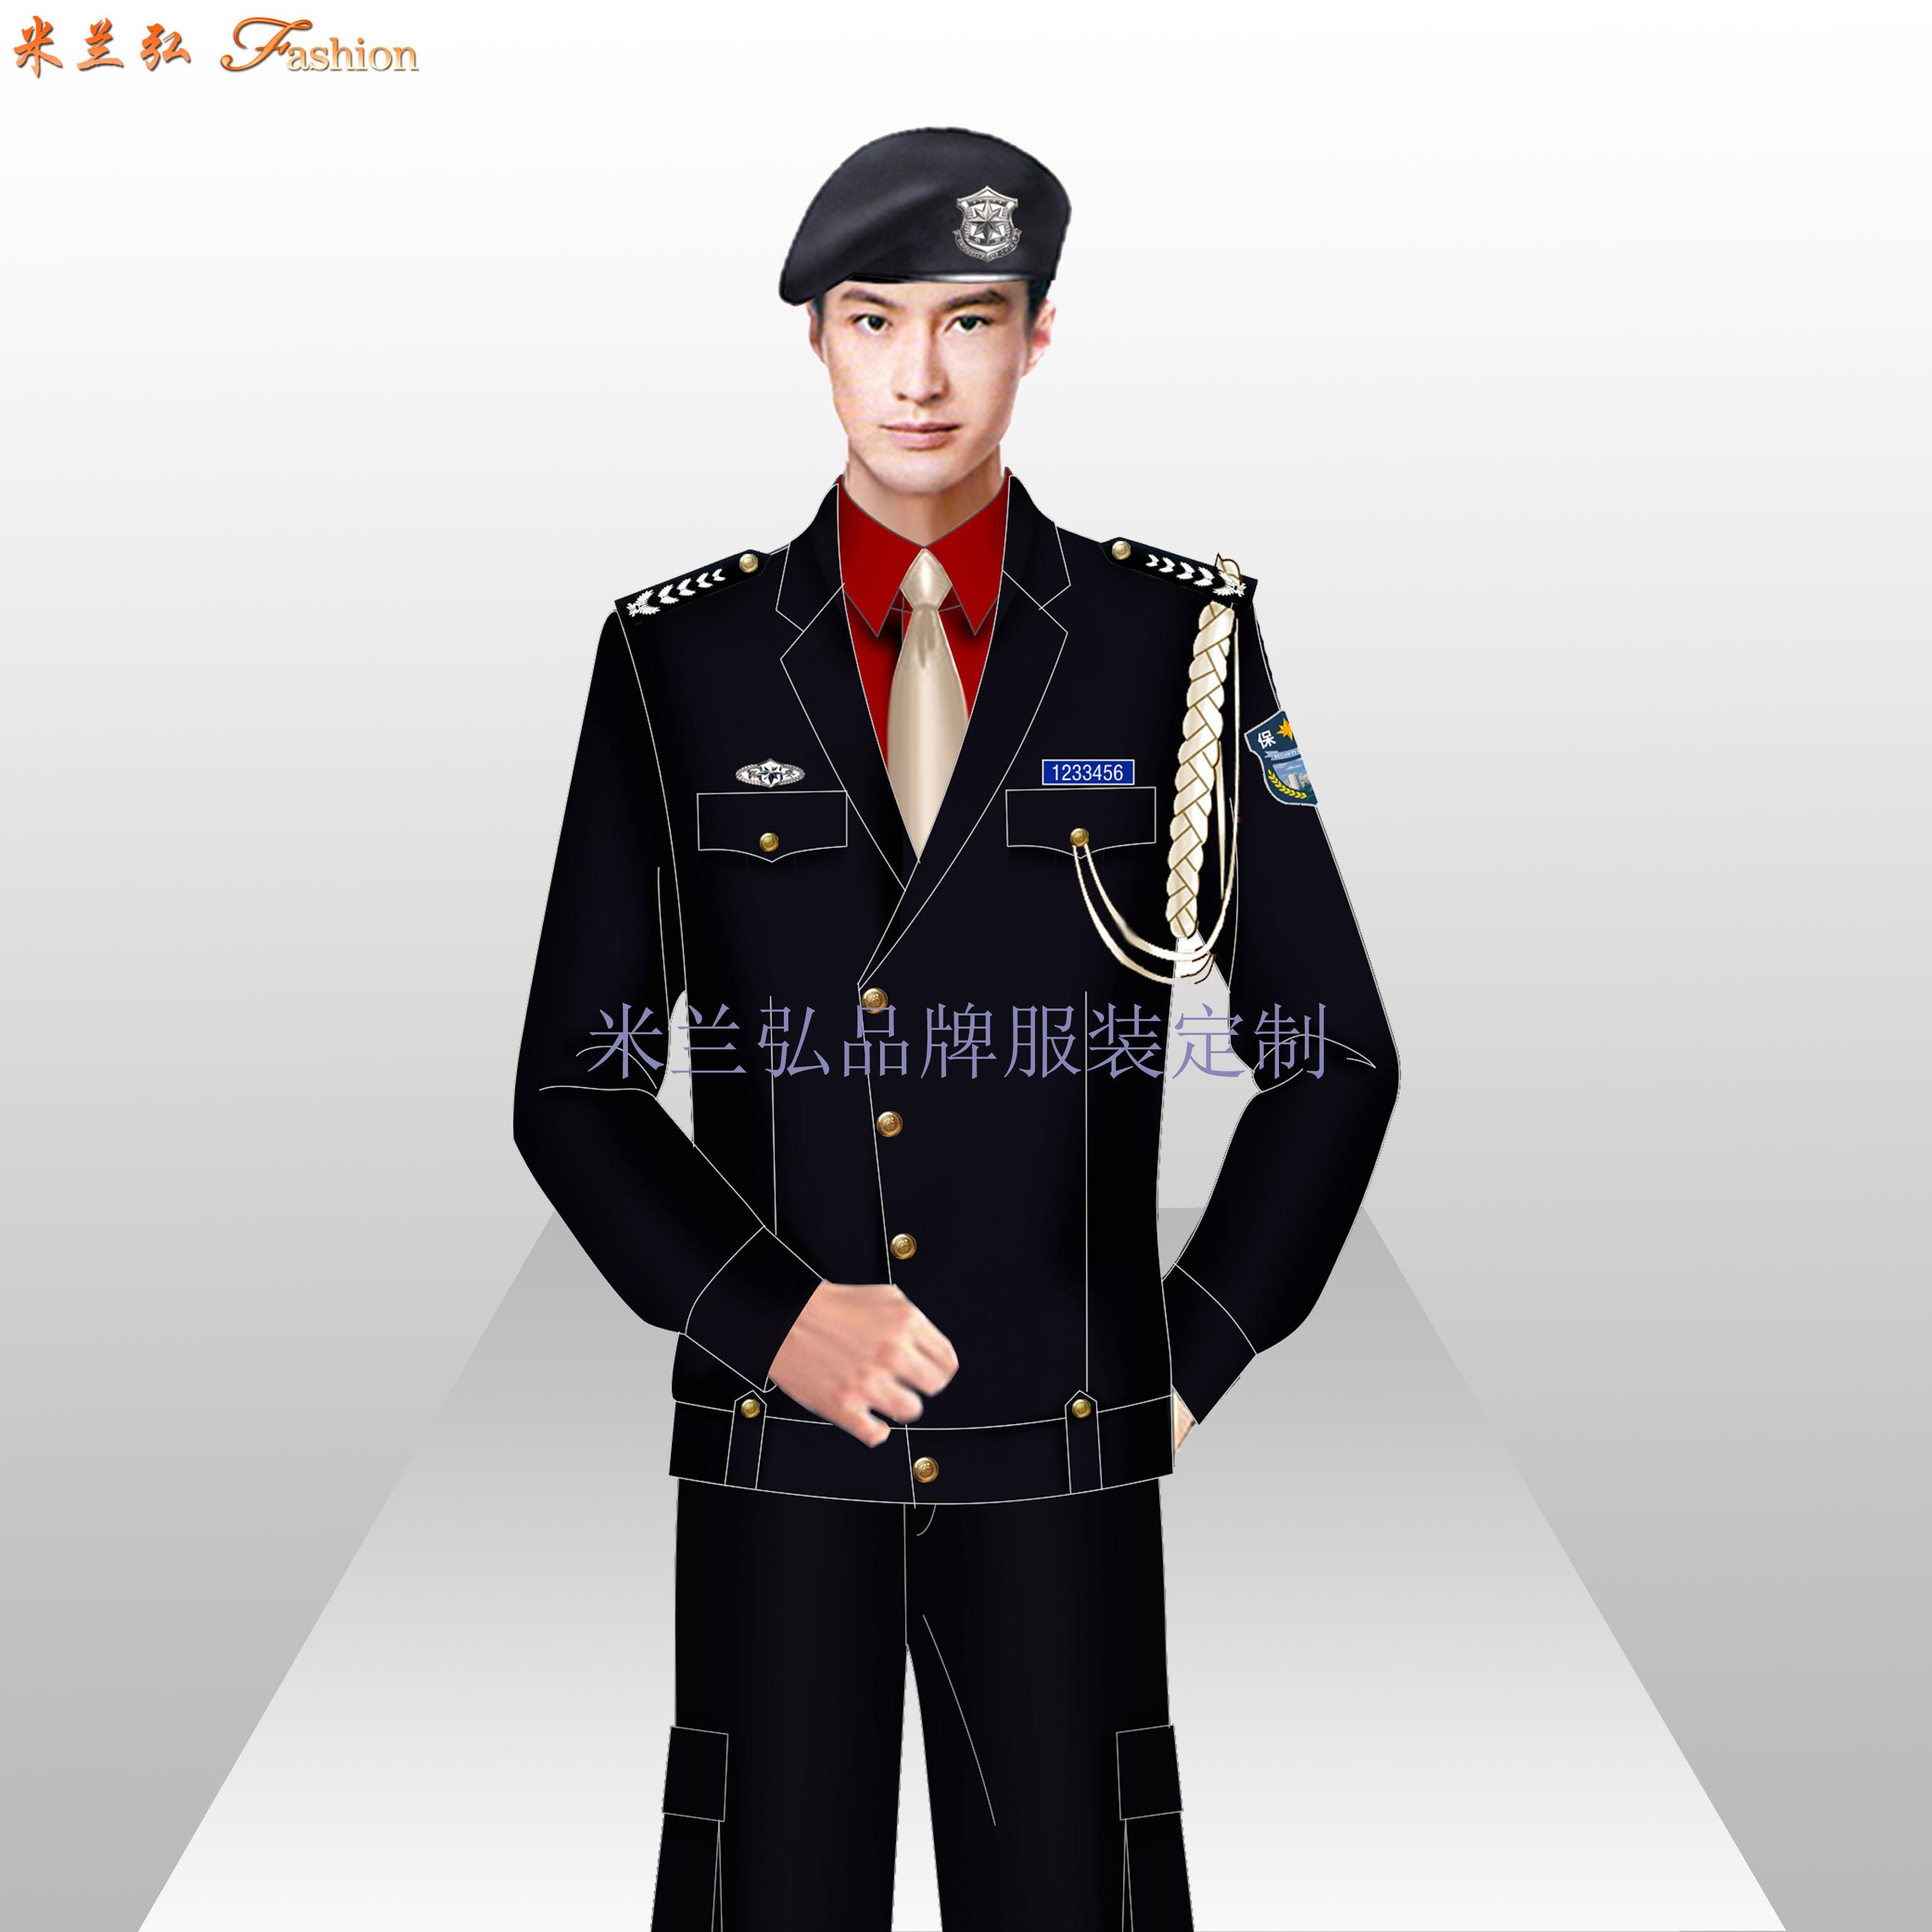 貝雷帽保安服圖片_新式保安服款式-米蘭弘服裝廠家-5